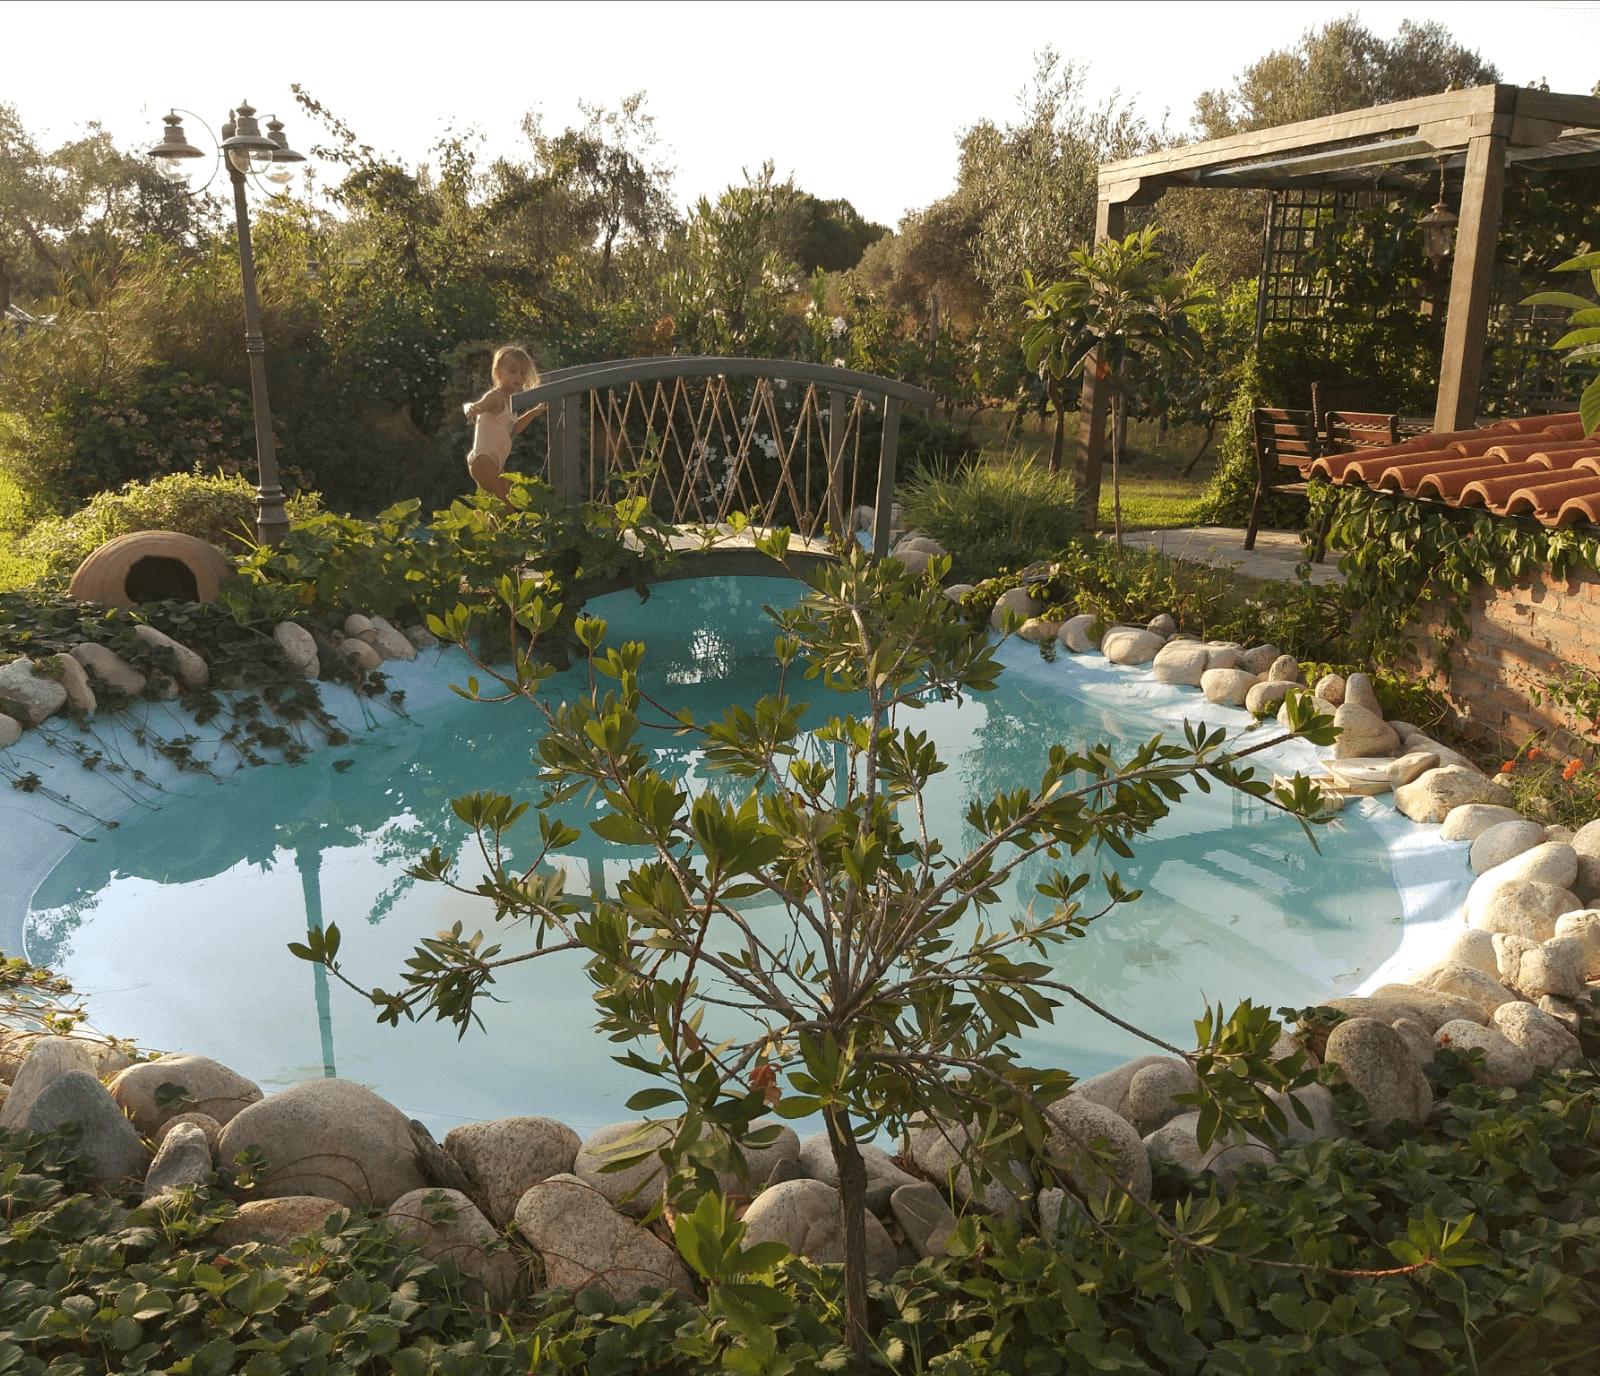 החצר במלון Ta Petrina, סיטוניה, חלקידיקי